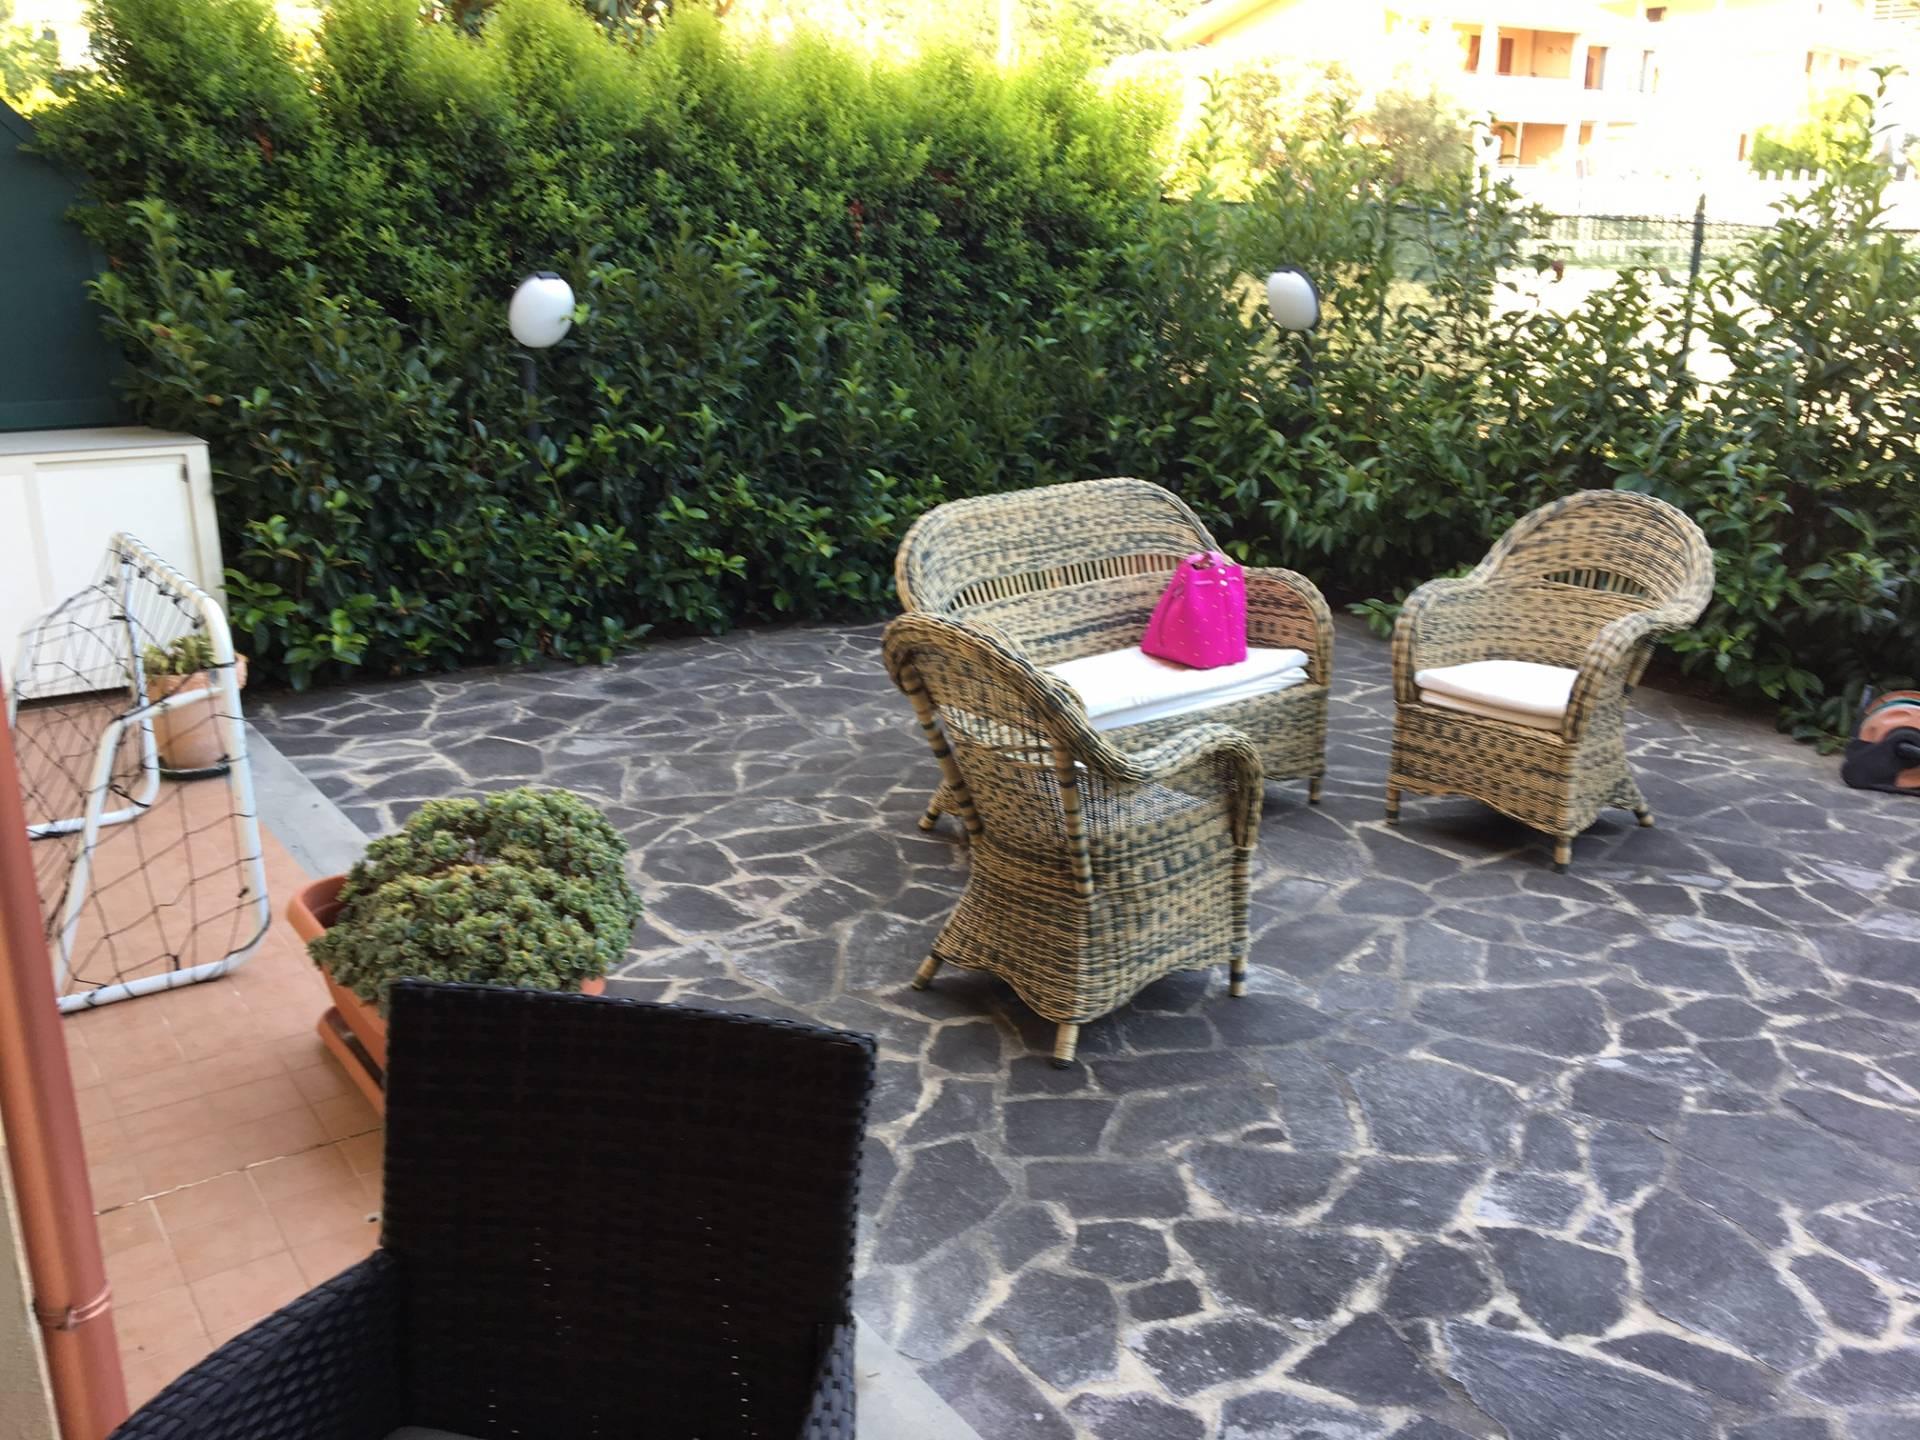 Appartamento in vendita a Montauro, 3 locali, zona Località: Pietragrande, prezzo € 115.000 | CambioCasa.it